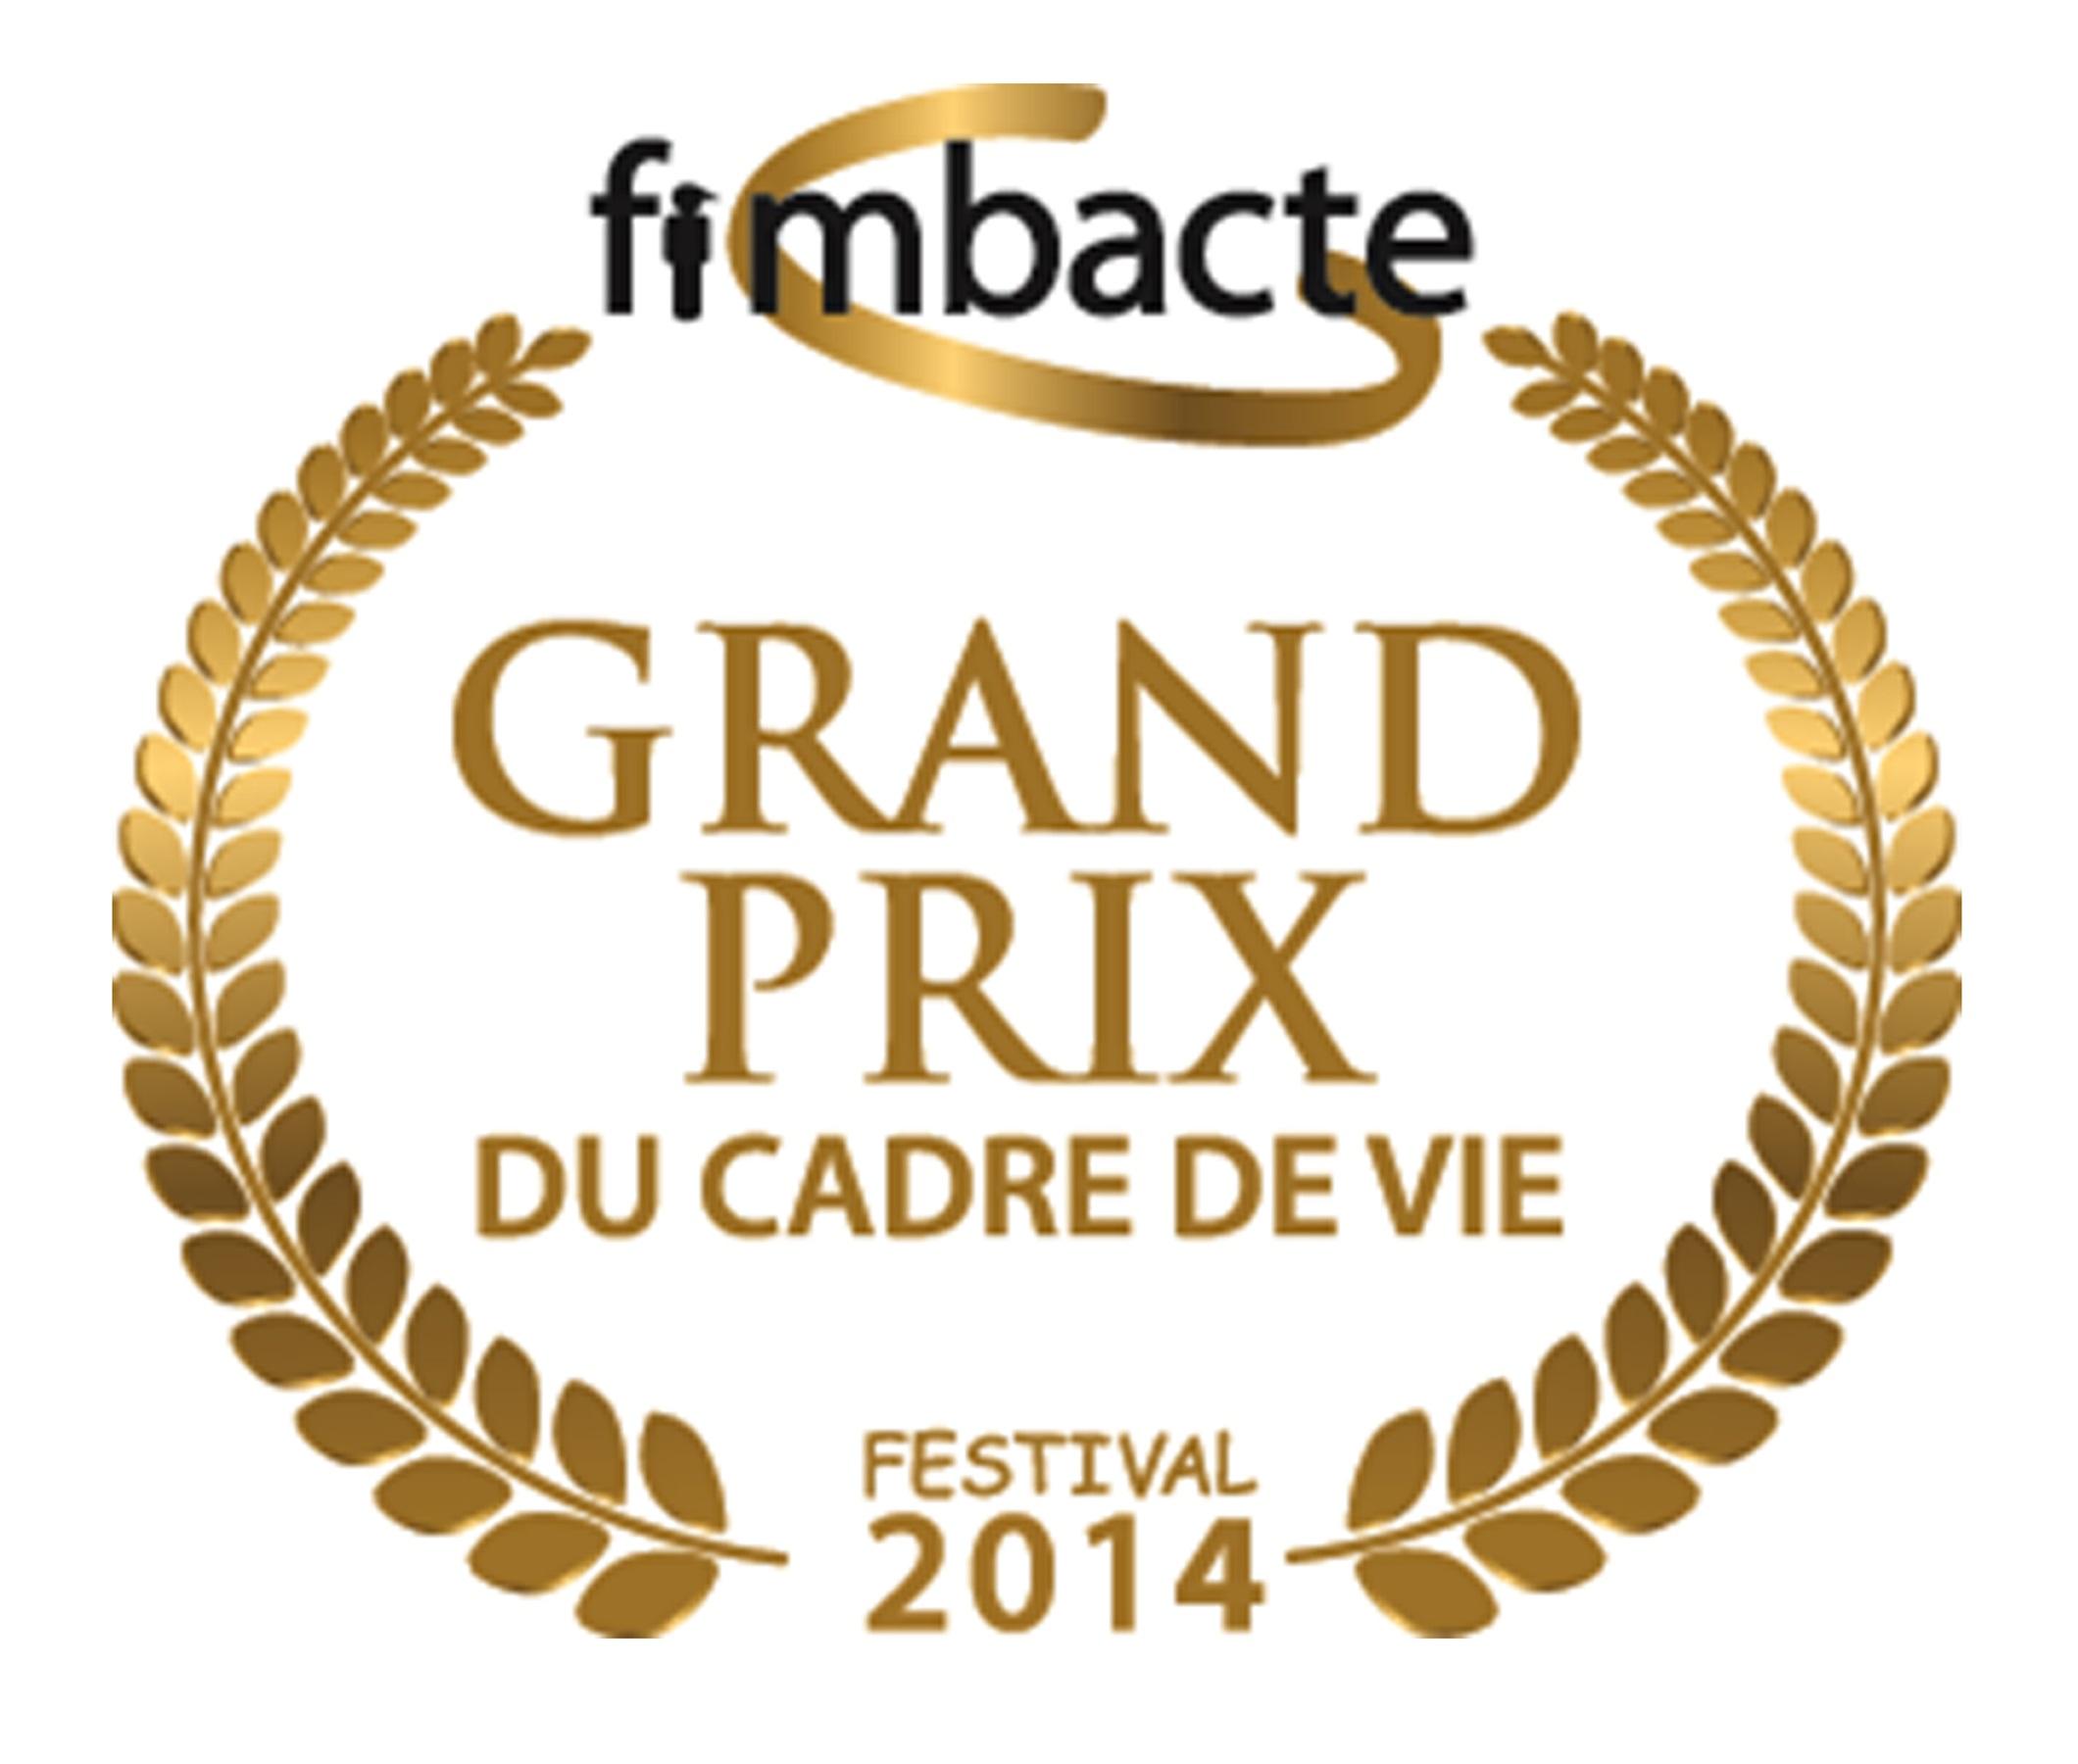 GRAND PRIX FIMBACTE